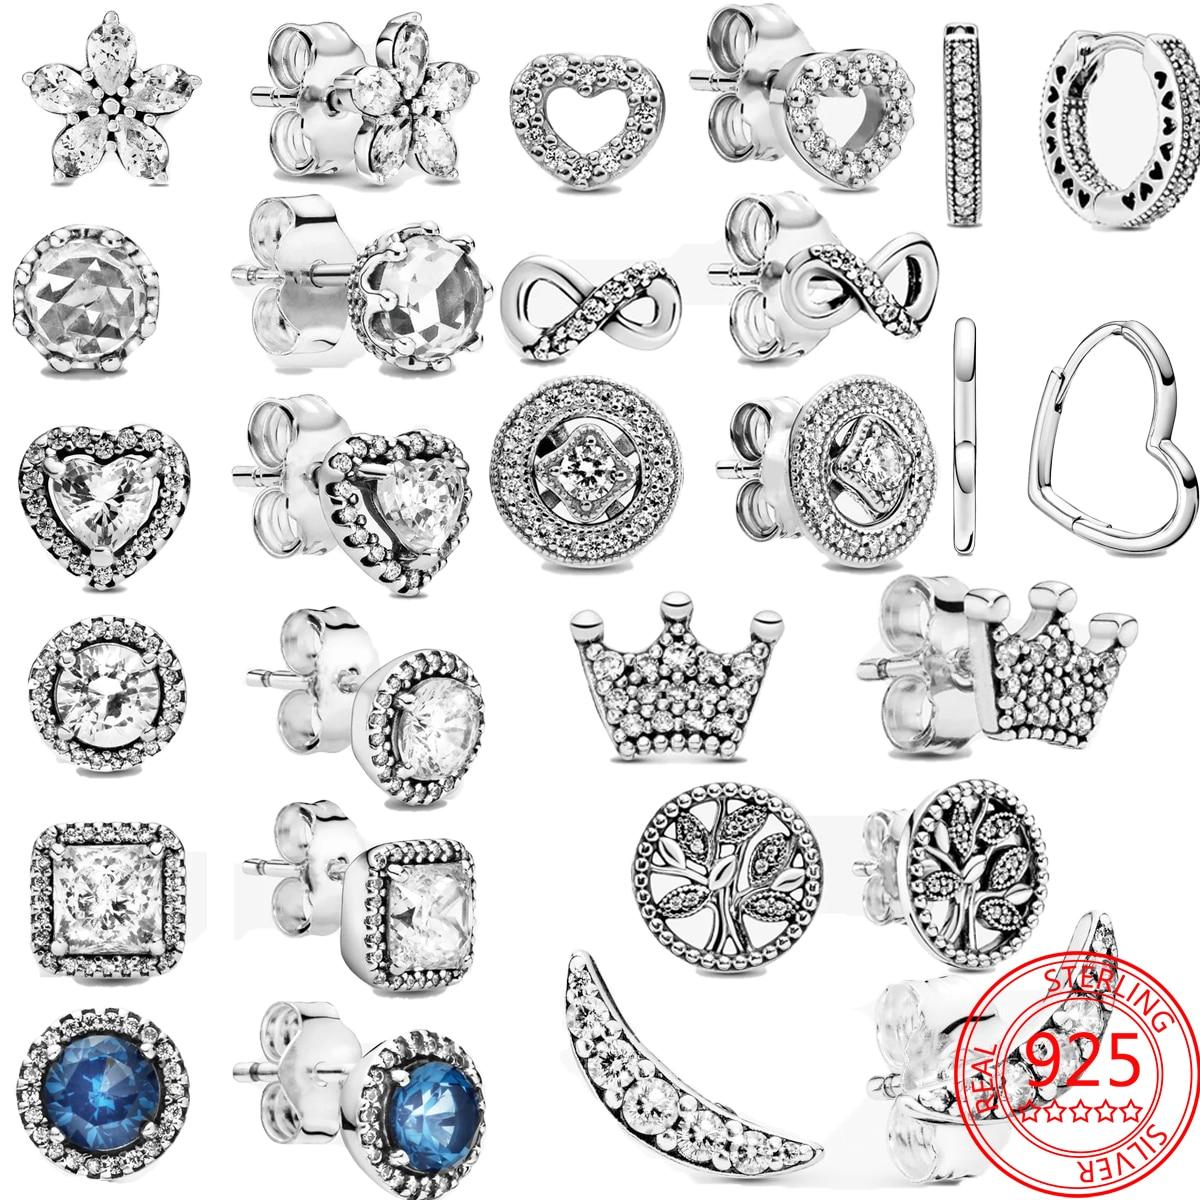 Новые-серьги-гвоздики-из-стерлингового-серебра-925-пробы-блестящие-серьги-гвоздики-в-виде-короны-модные-подарки-на-день-рождения-женские-у